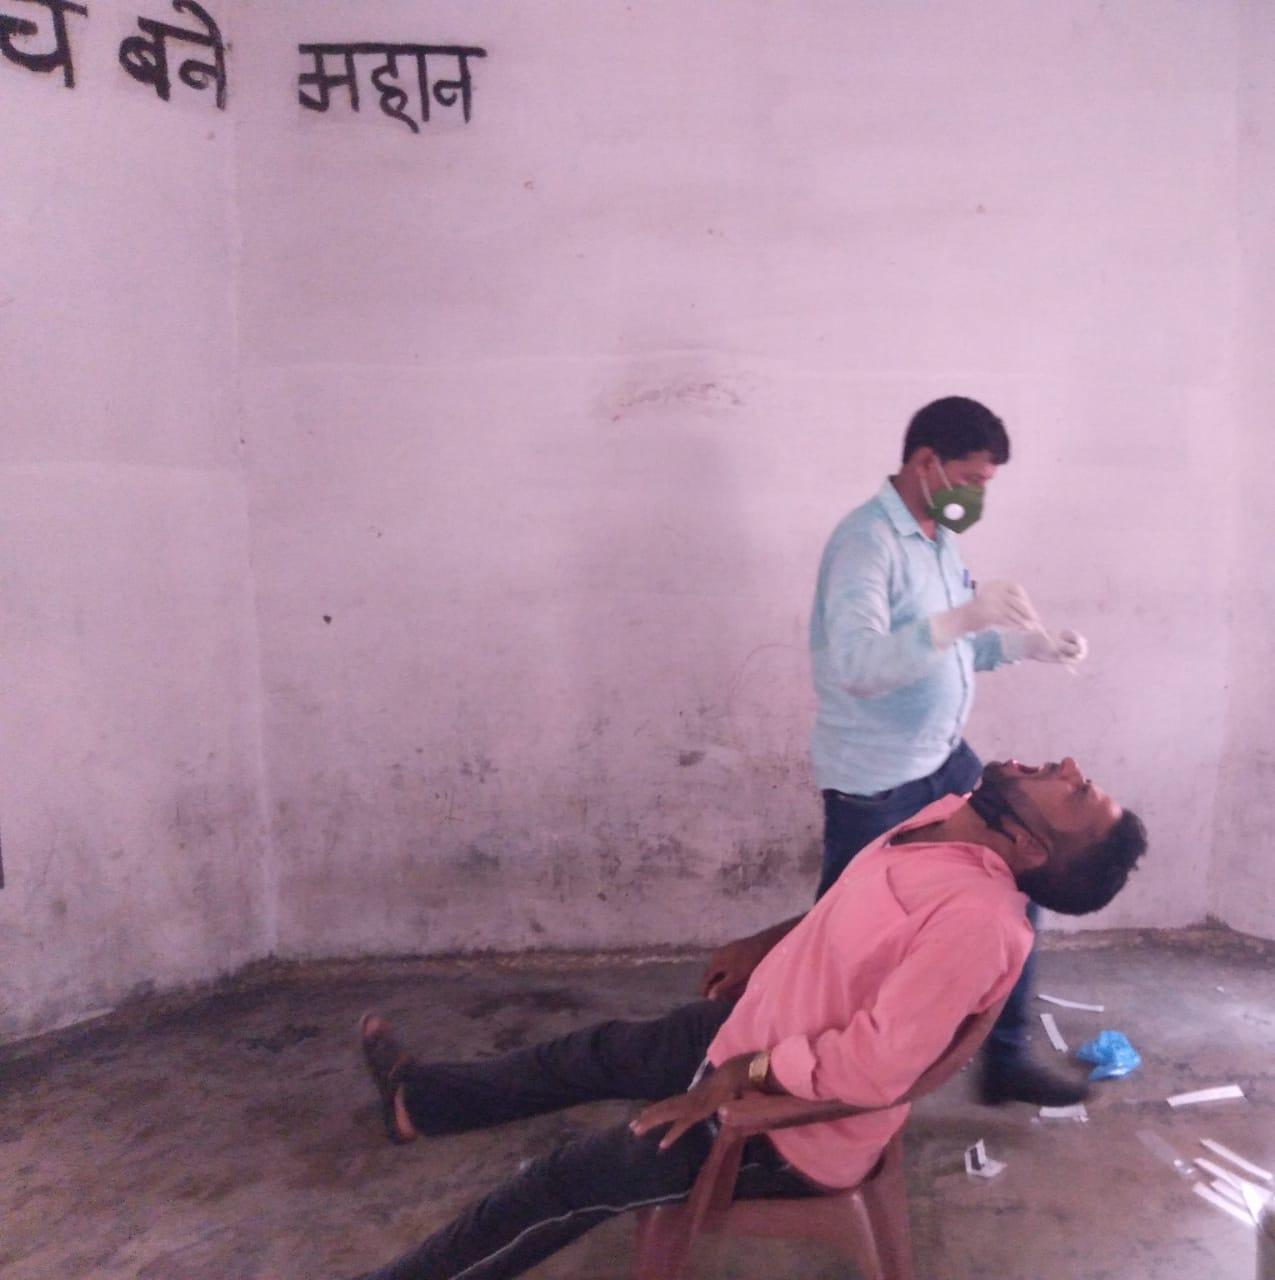 रामगढ़वा में विधालय में जांच कोरोना में एक साथ आठ कोरोना पॉजिटिव मरीज मिलने से हड़कंप